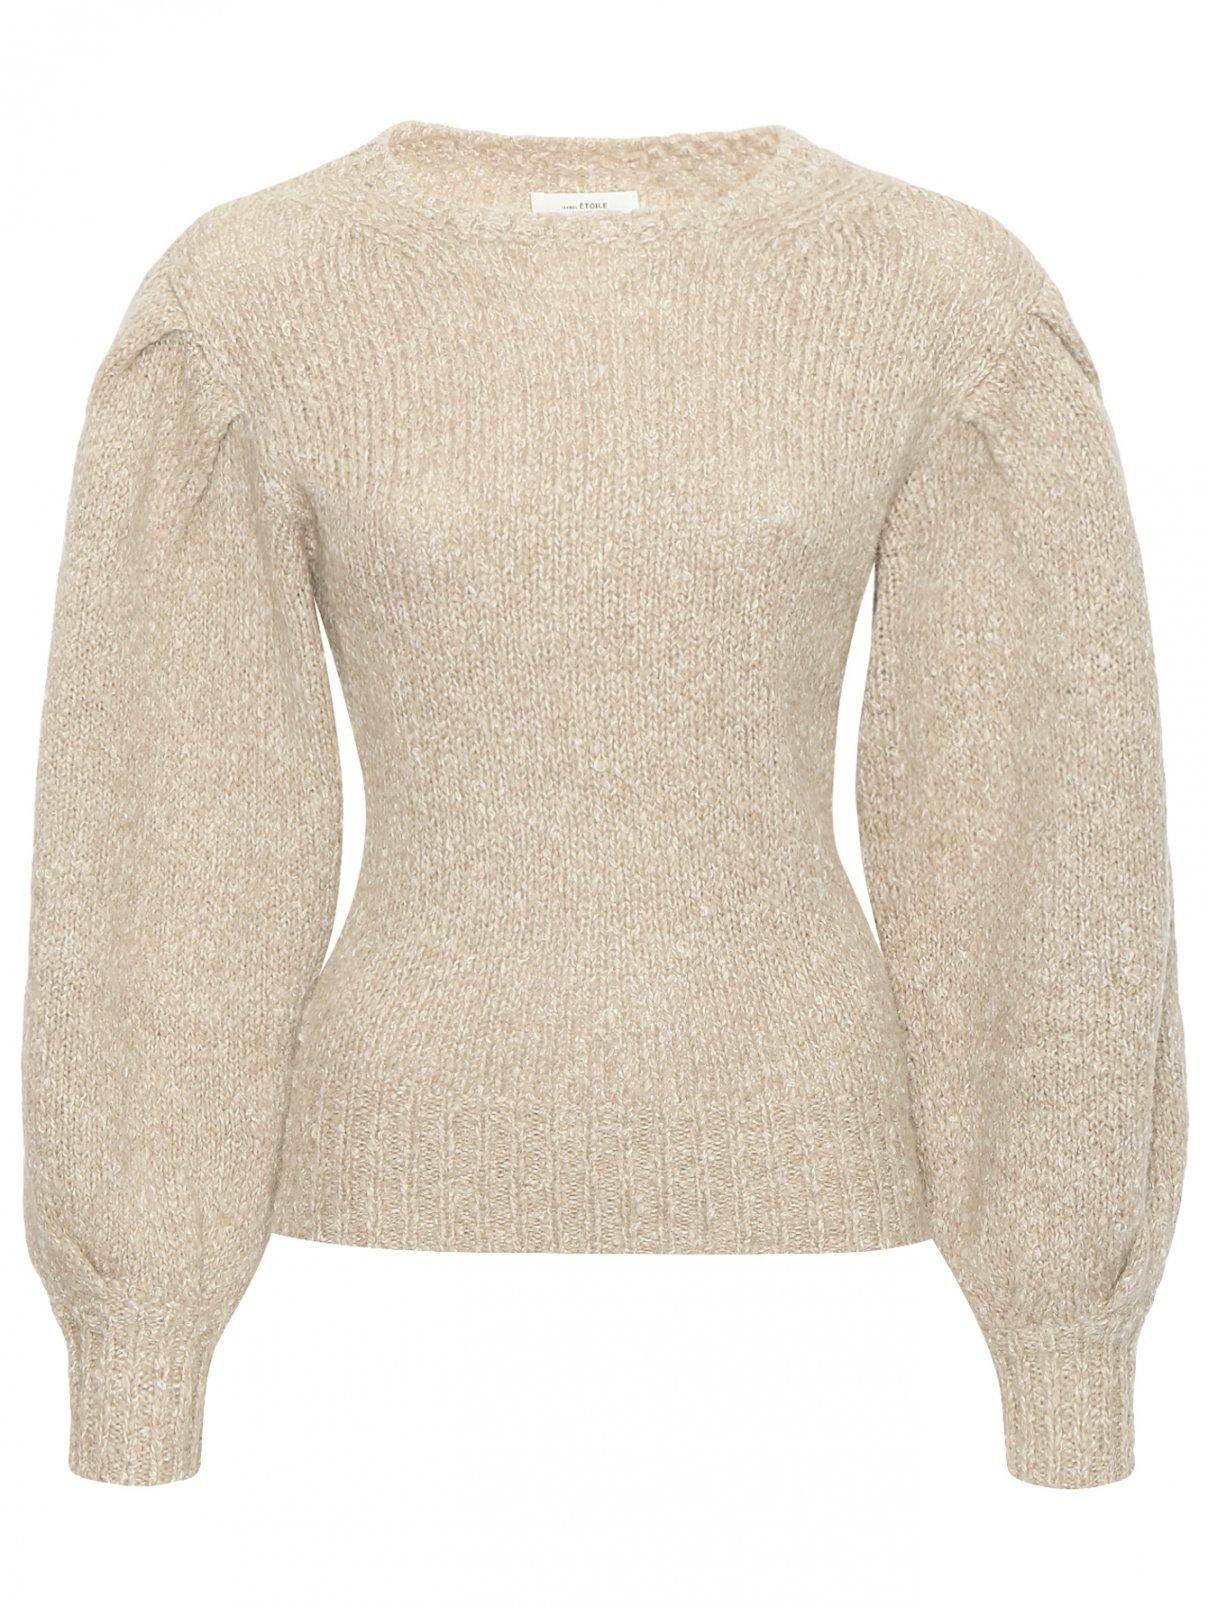 Джемпер из шерсти и хлопка с круглым вырезом Isabel Marant  –  Общий вид